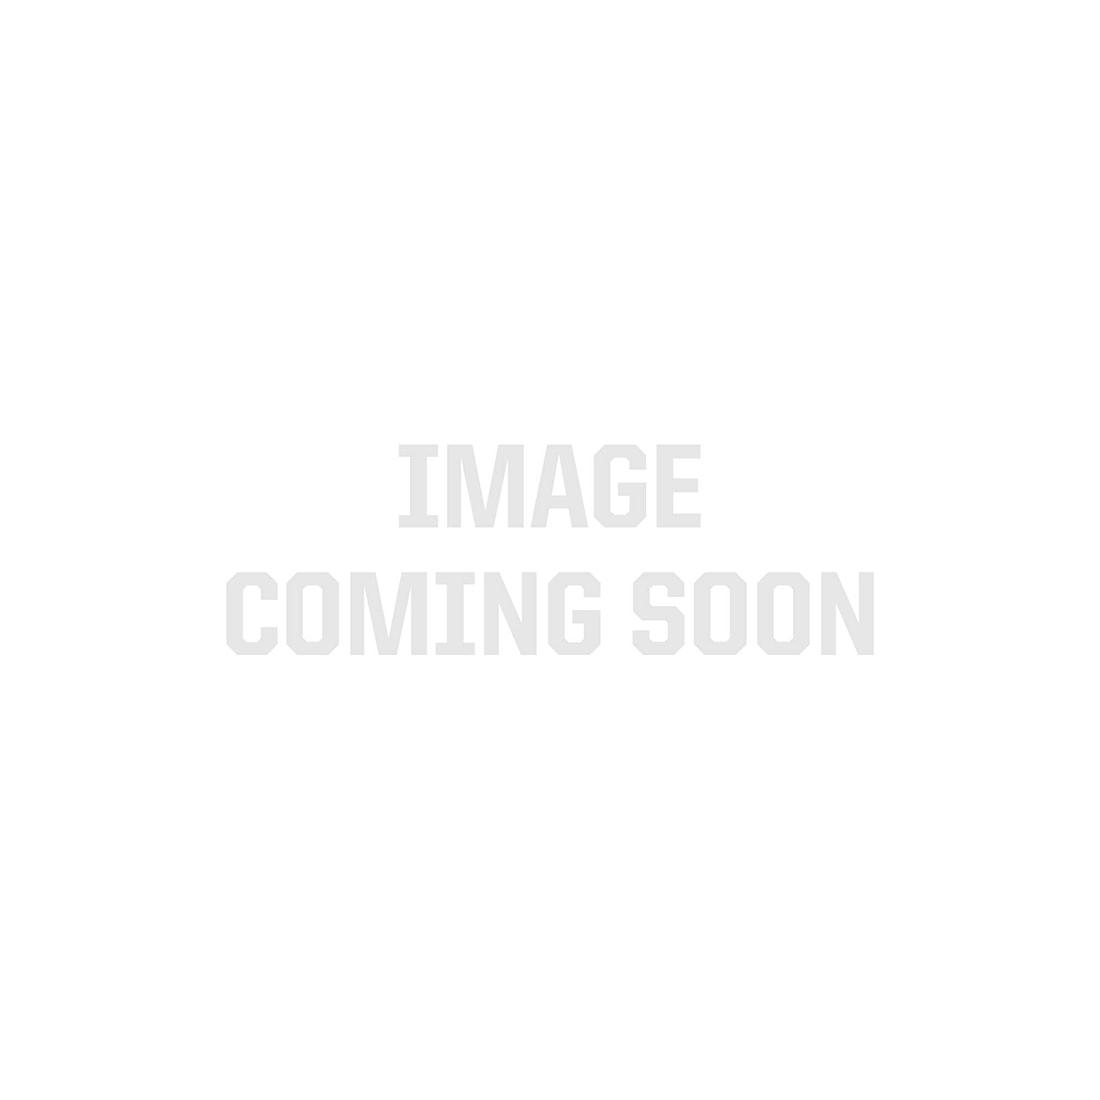 MaxLite 2x4 Eco-T LED Recessed Troffer Translucent White Diffuser